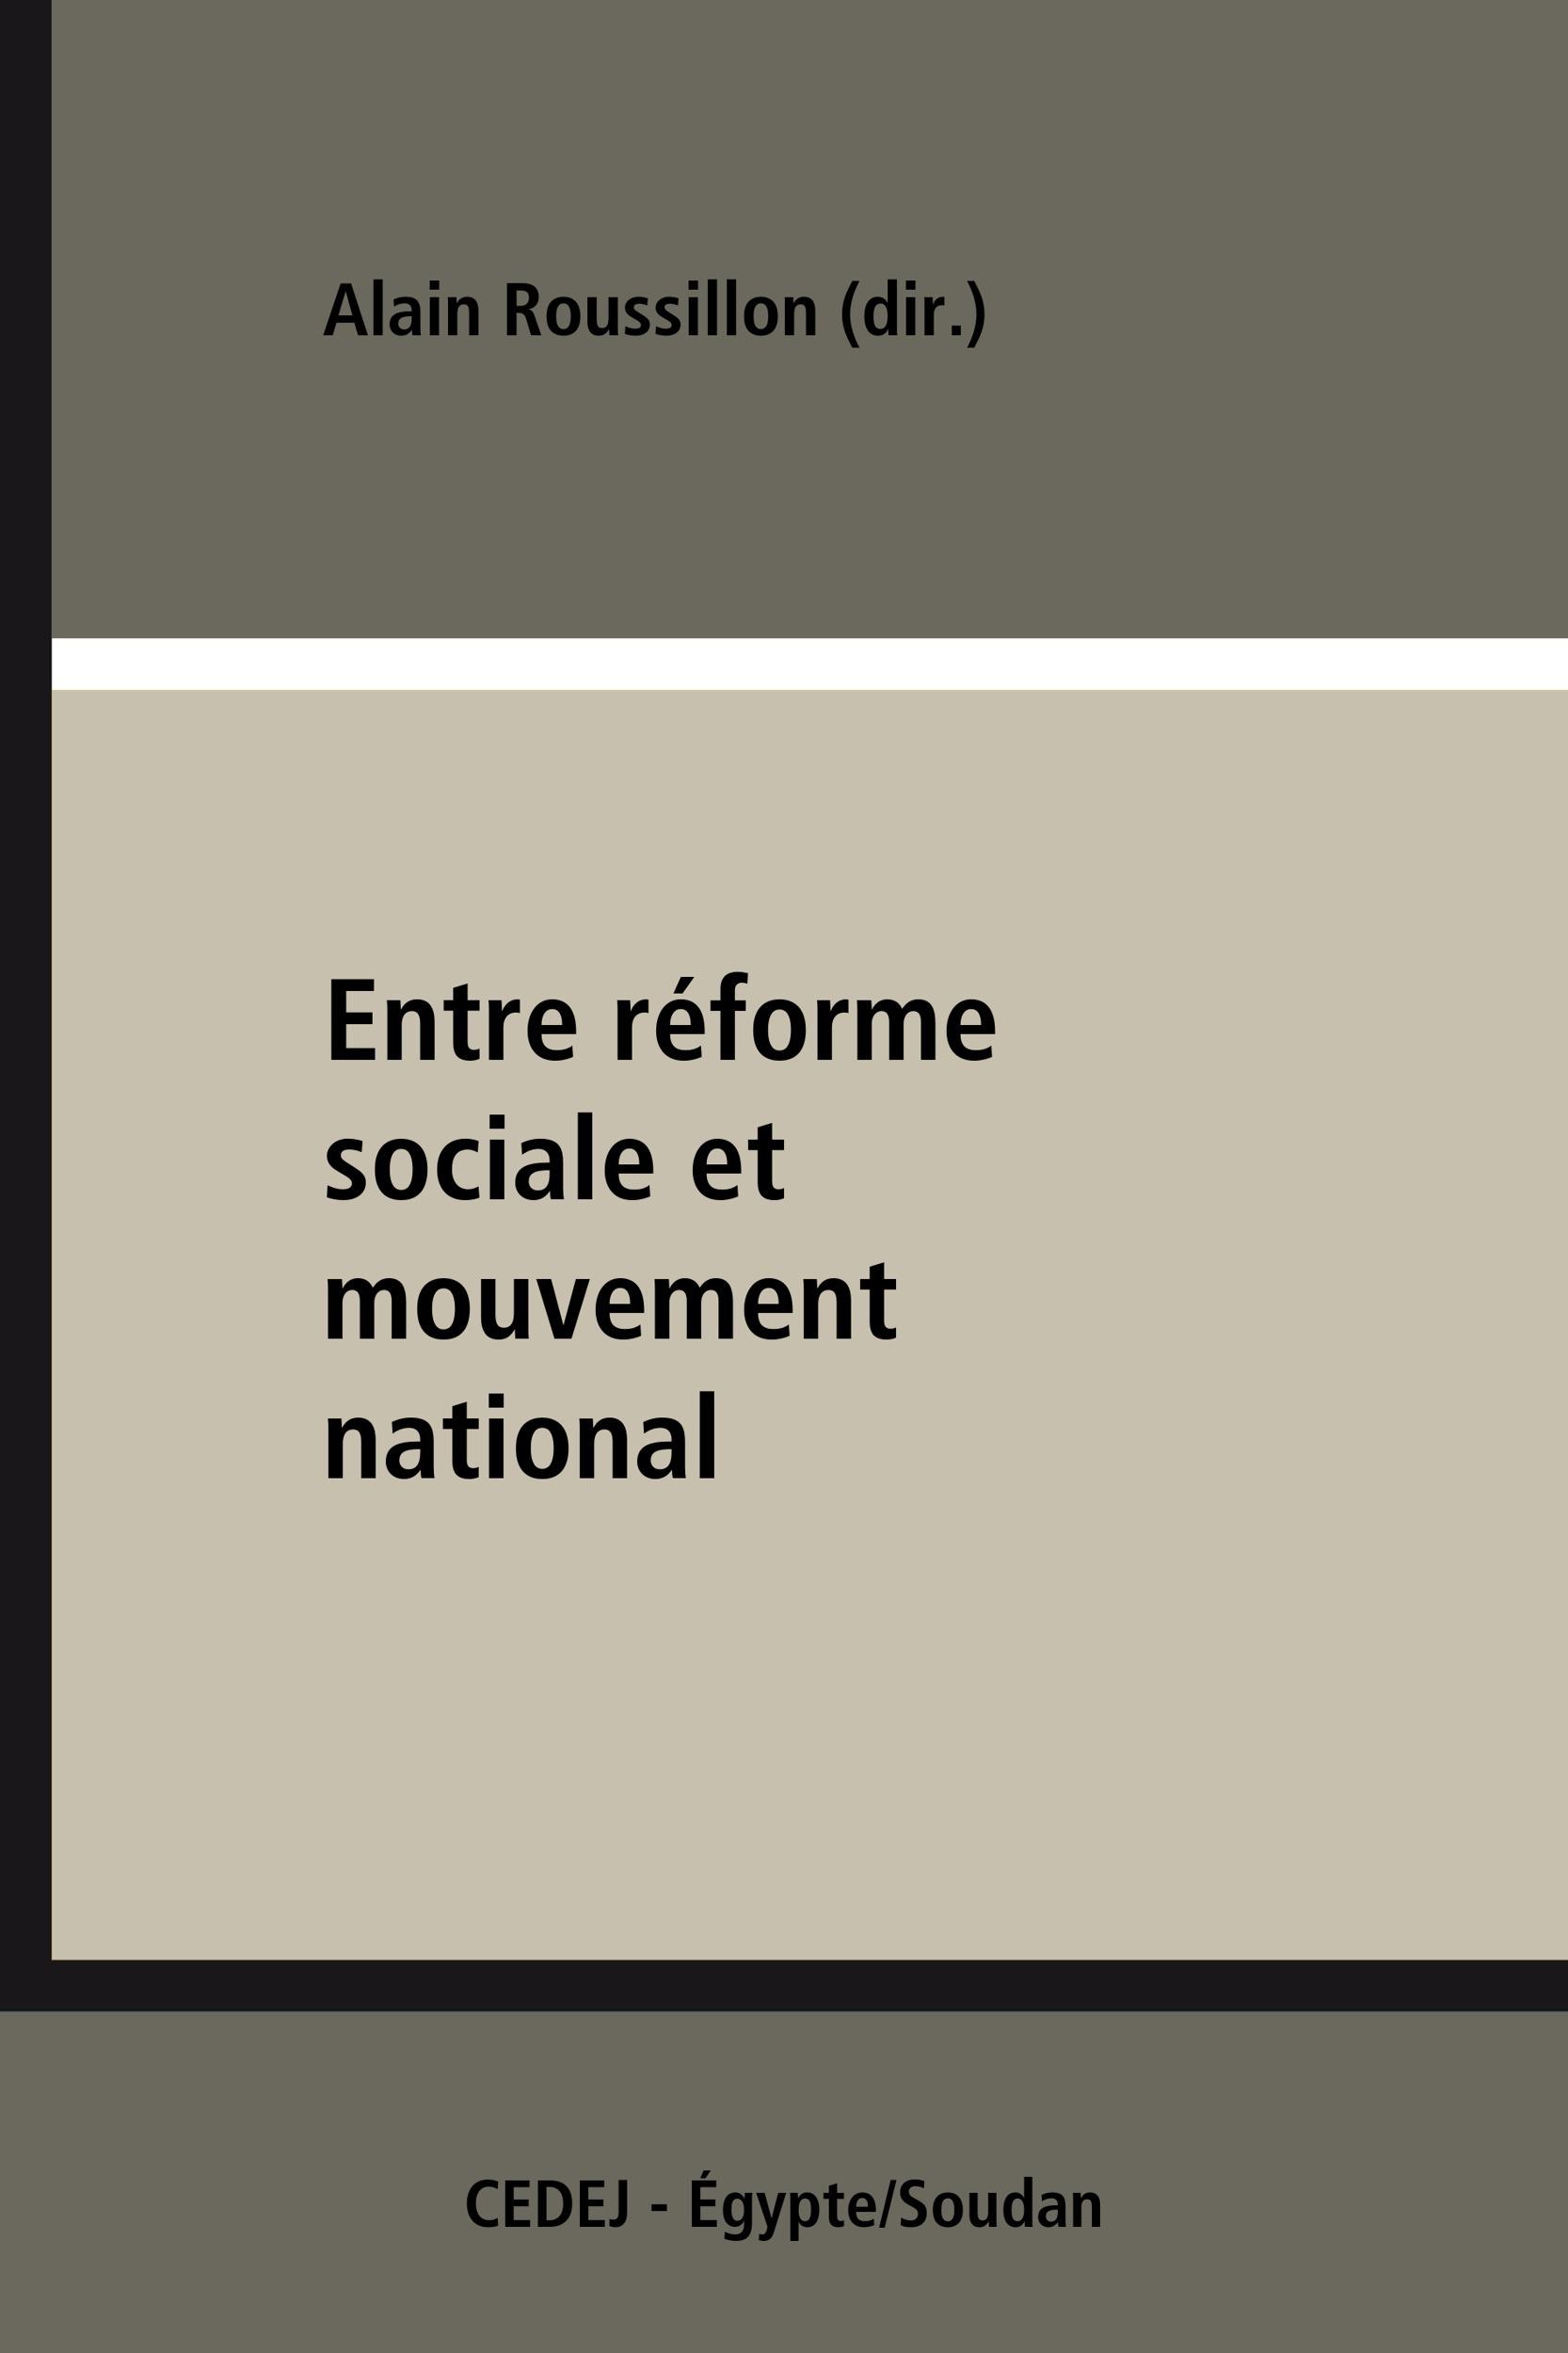 Entre réforme sociale et mouvement national